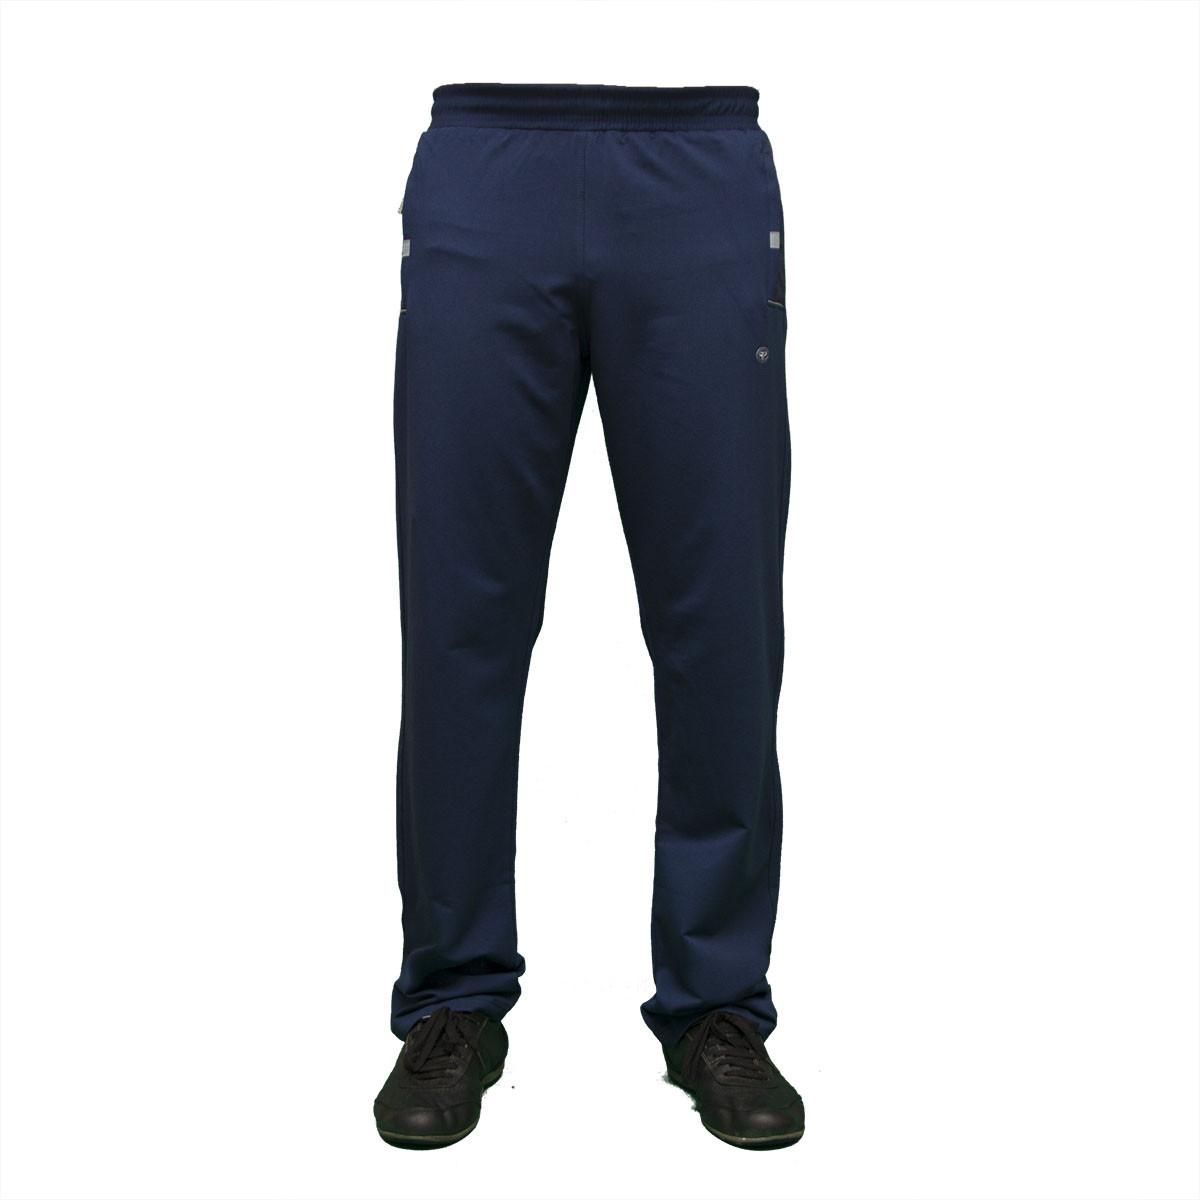 Турецкие спортивные брюки мужские фабричный пошив тм. PIYERA №137-2